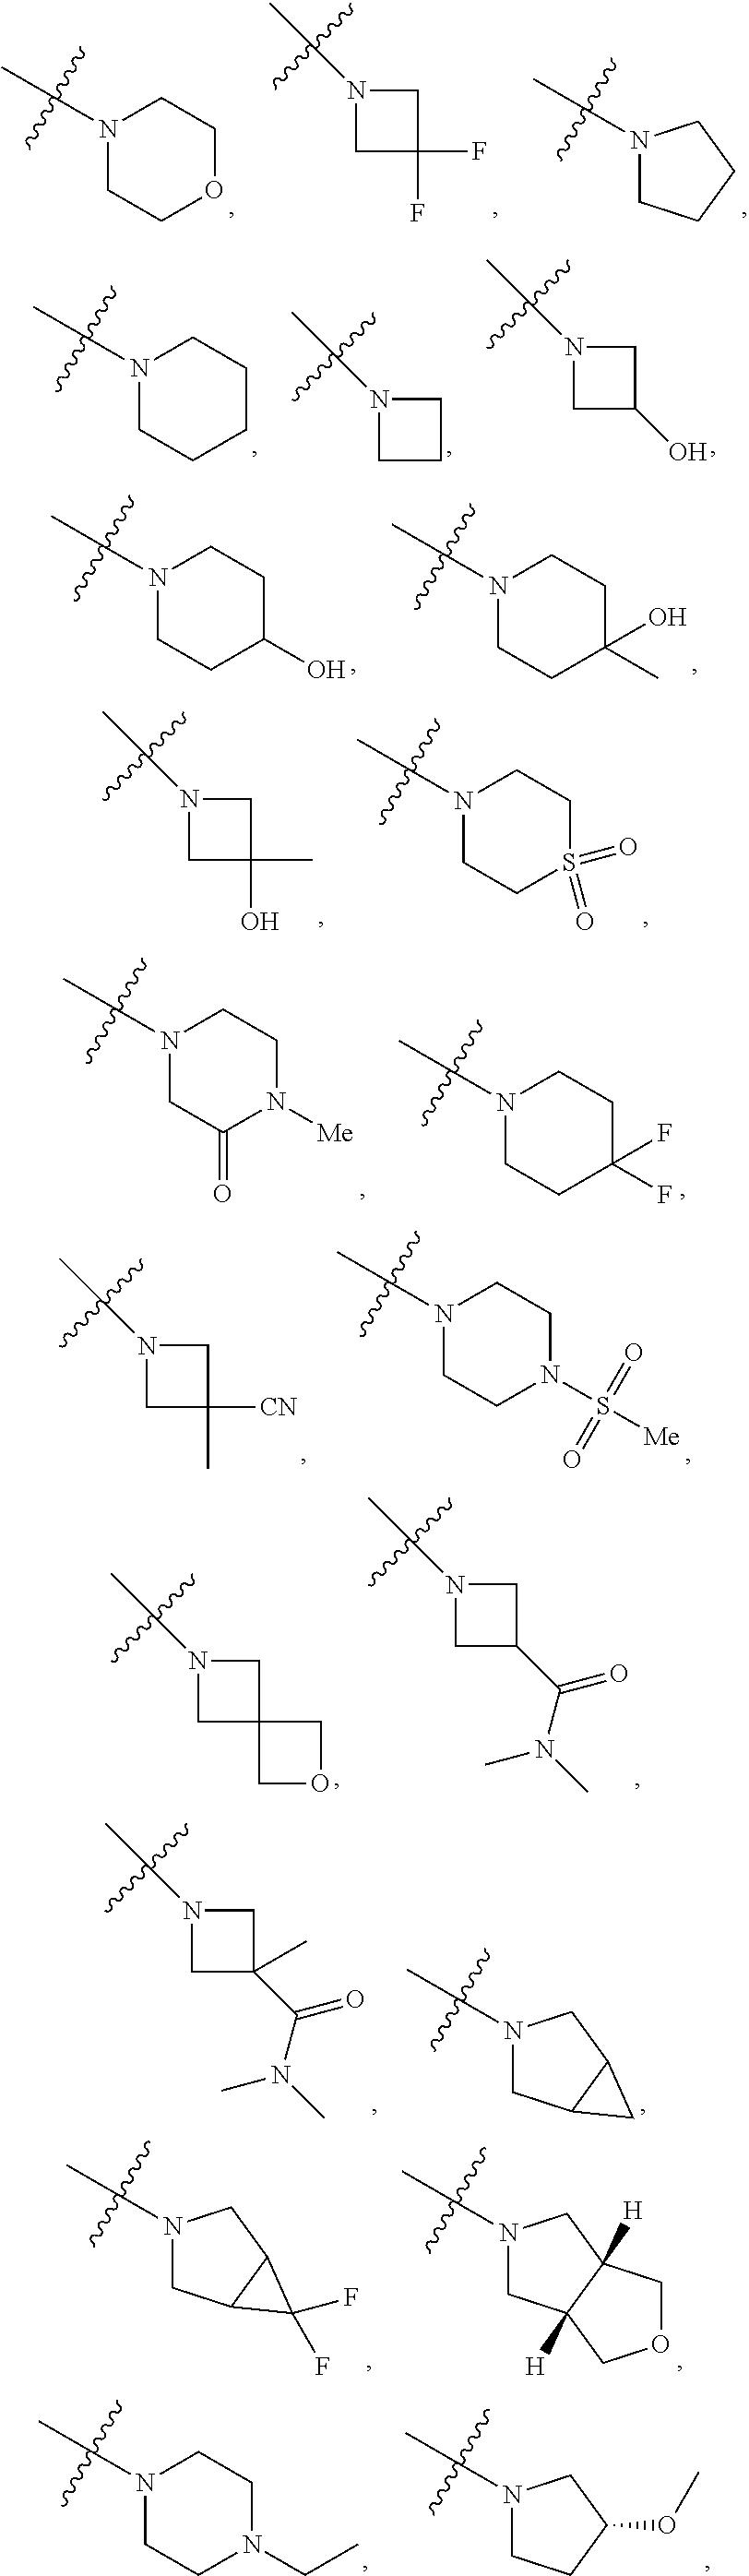 Figure US20180230137A1-20180816-C00264